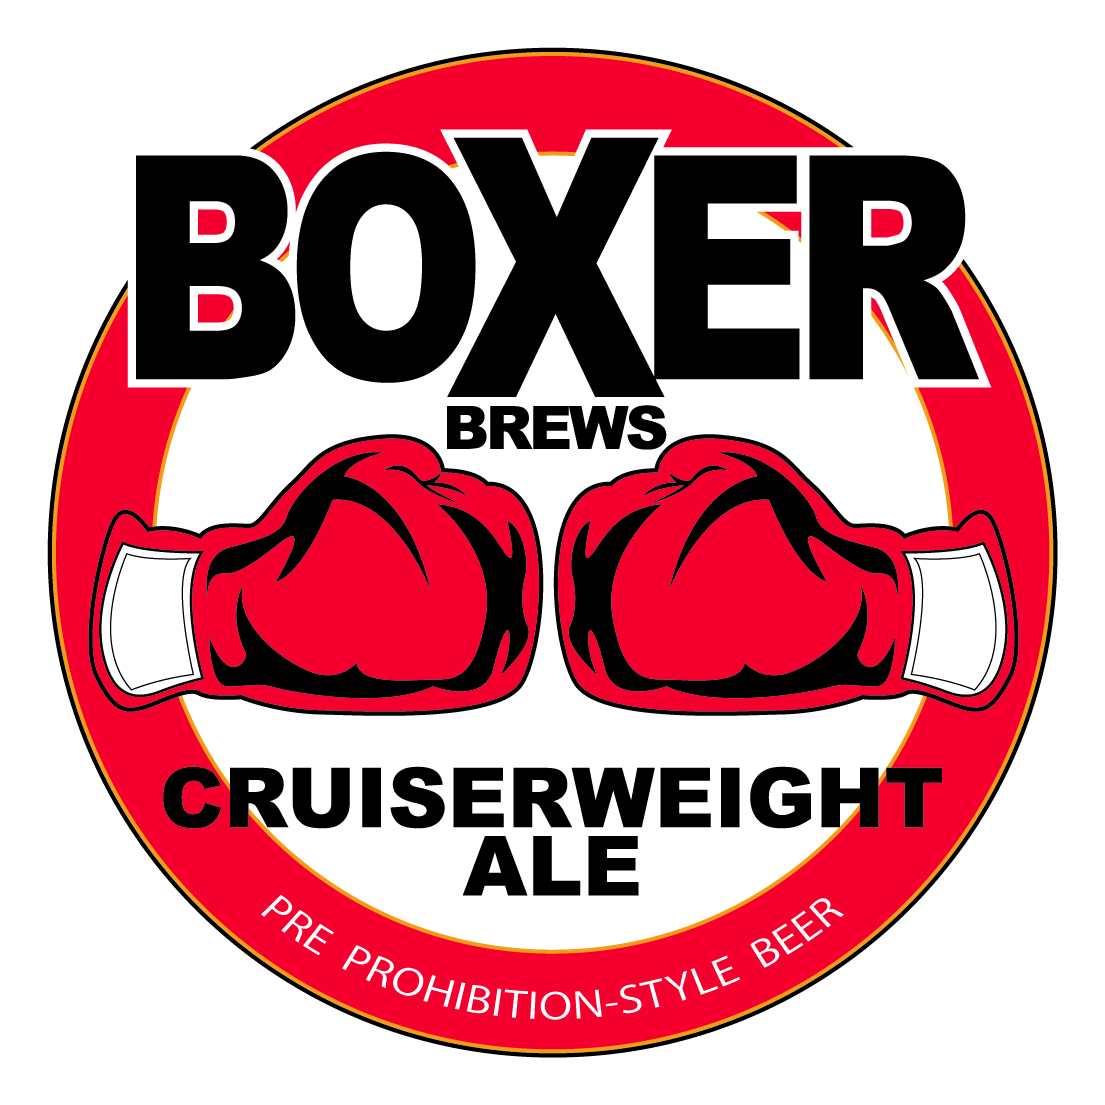 boxer_logo.jpg